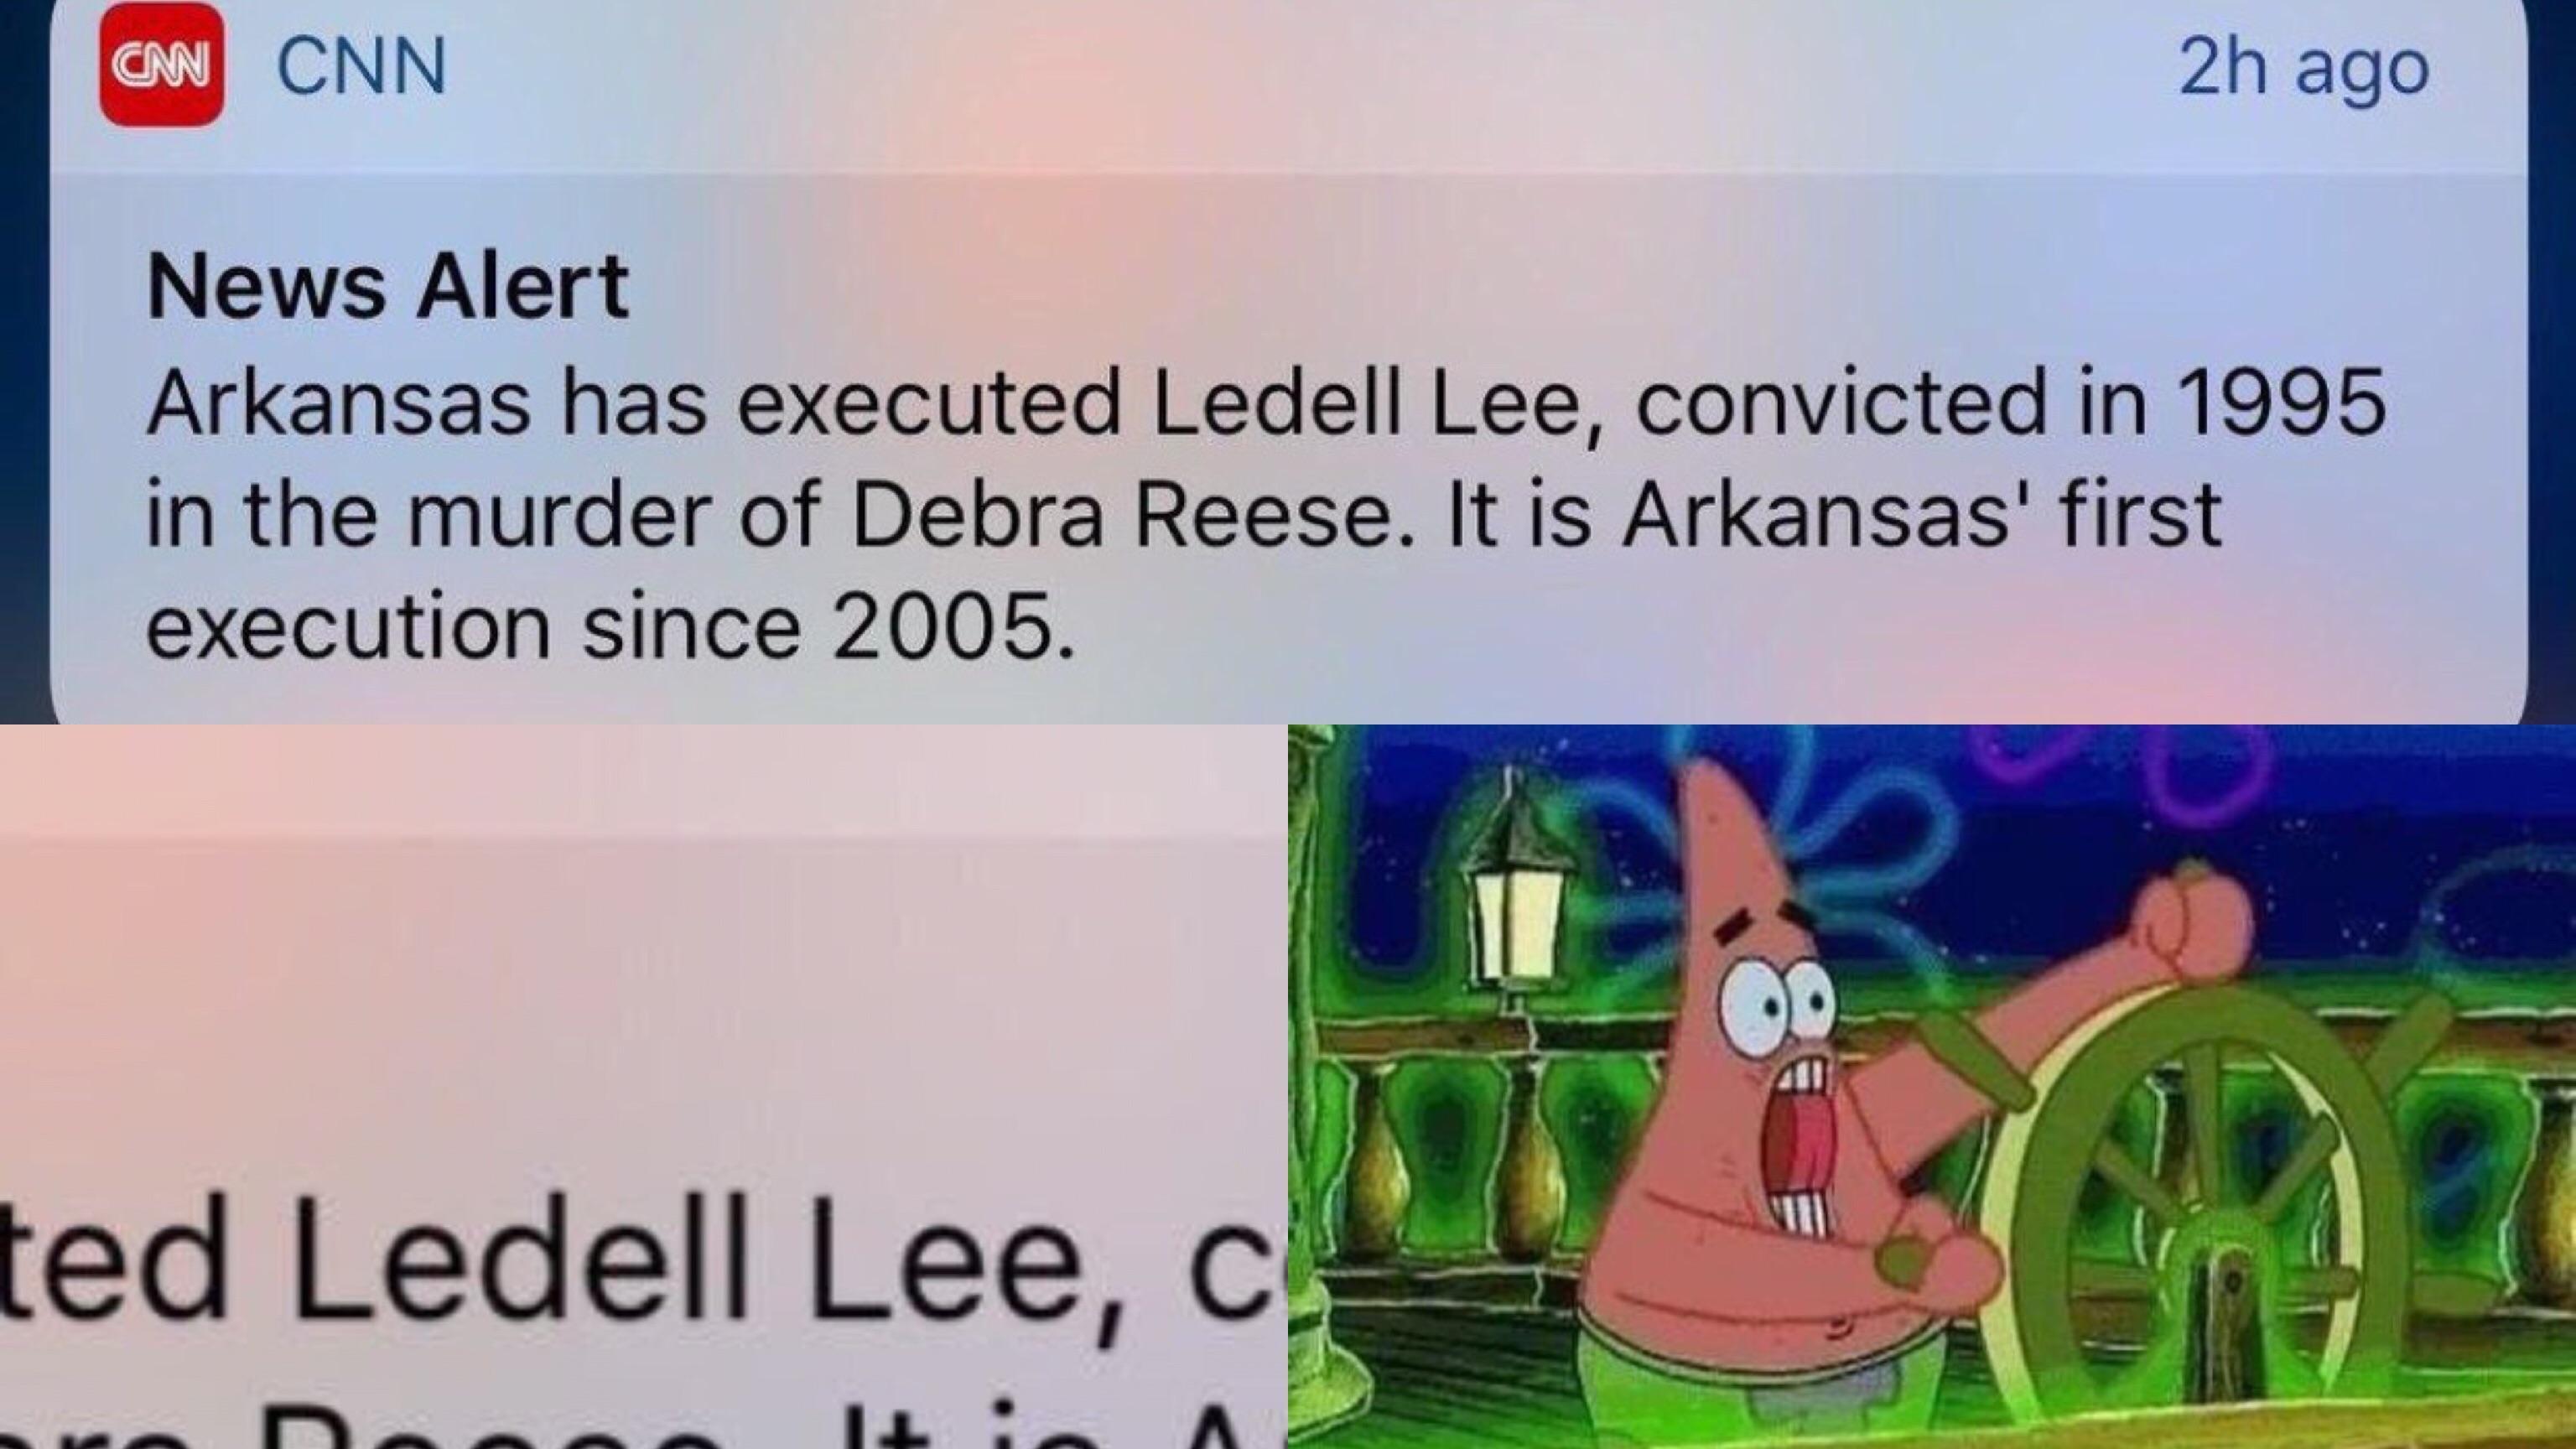 Leedle